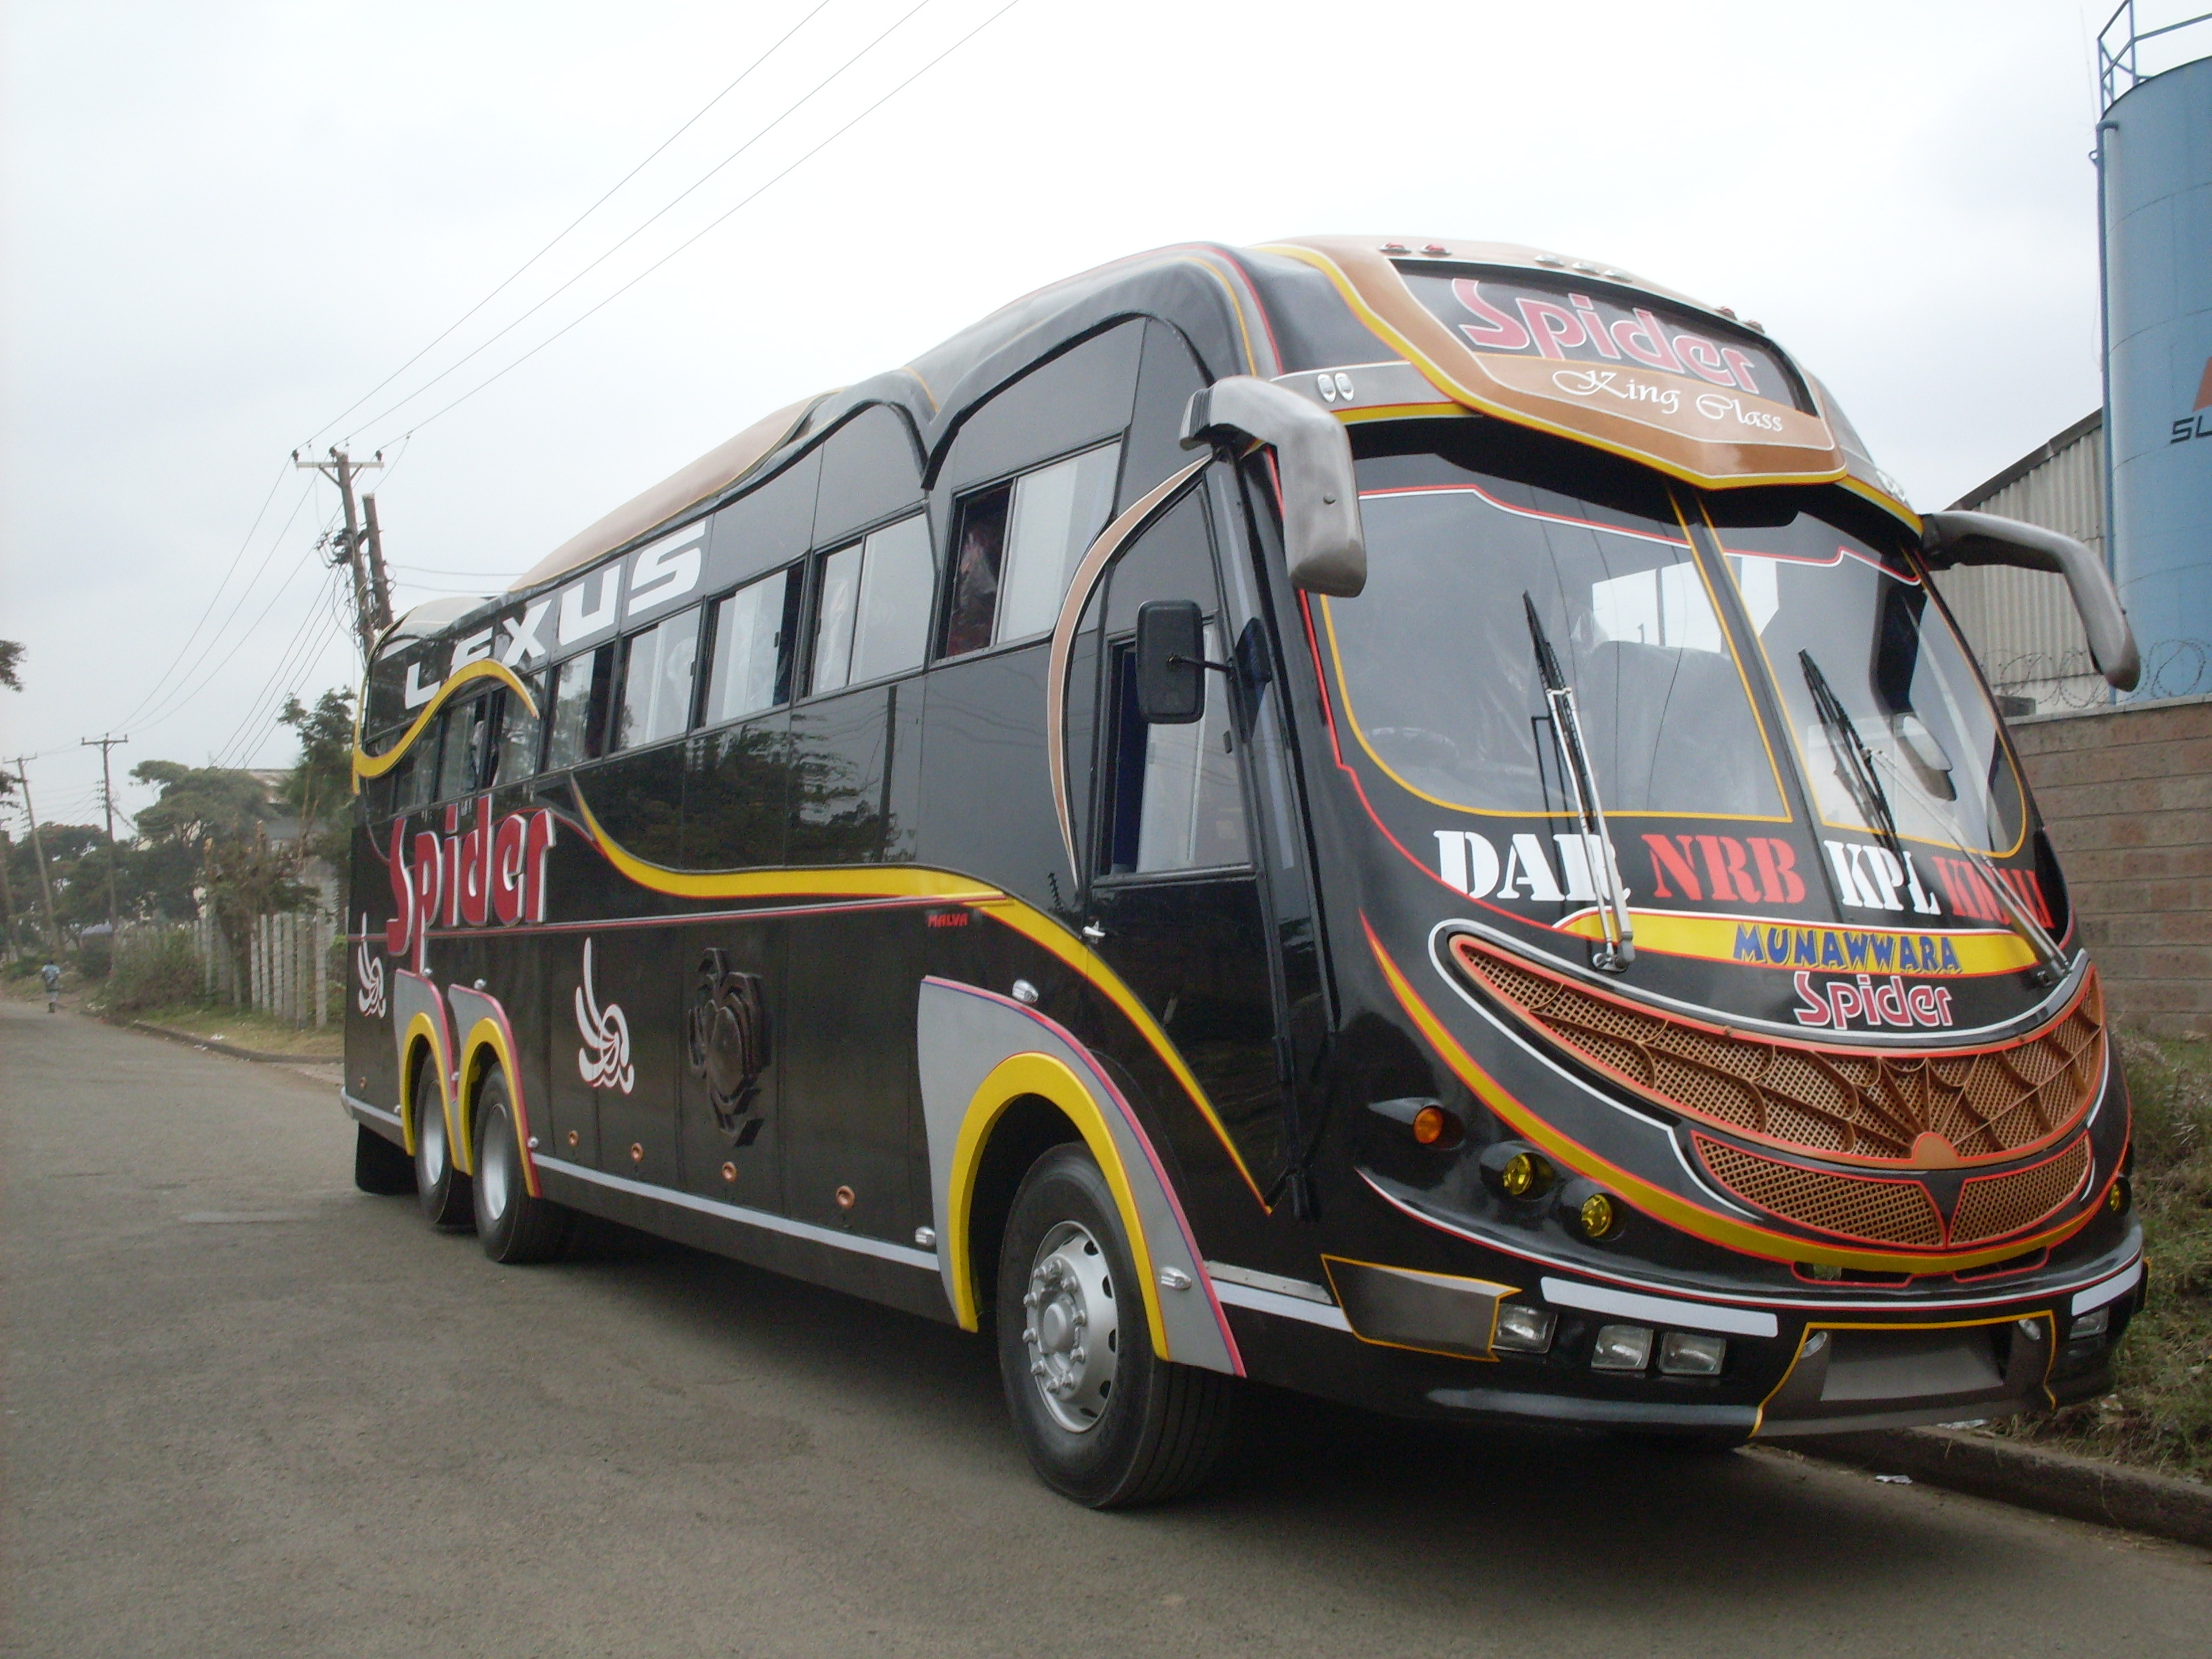 Luxury Coaches Malvabus